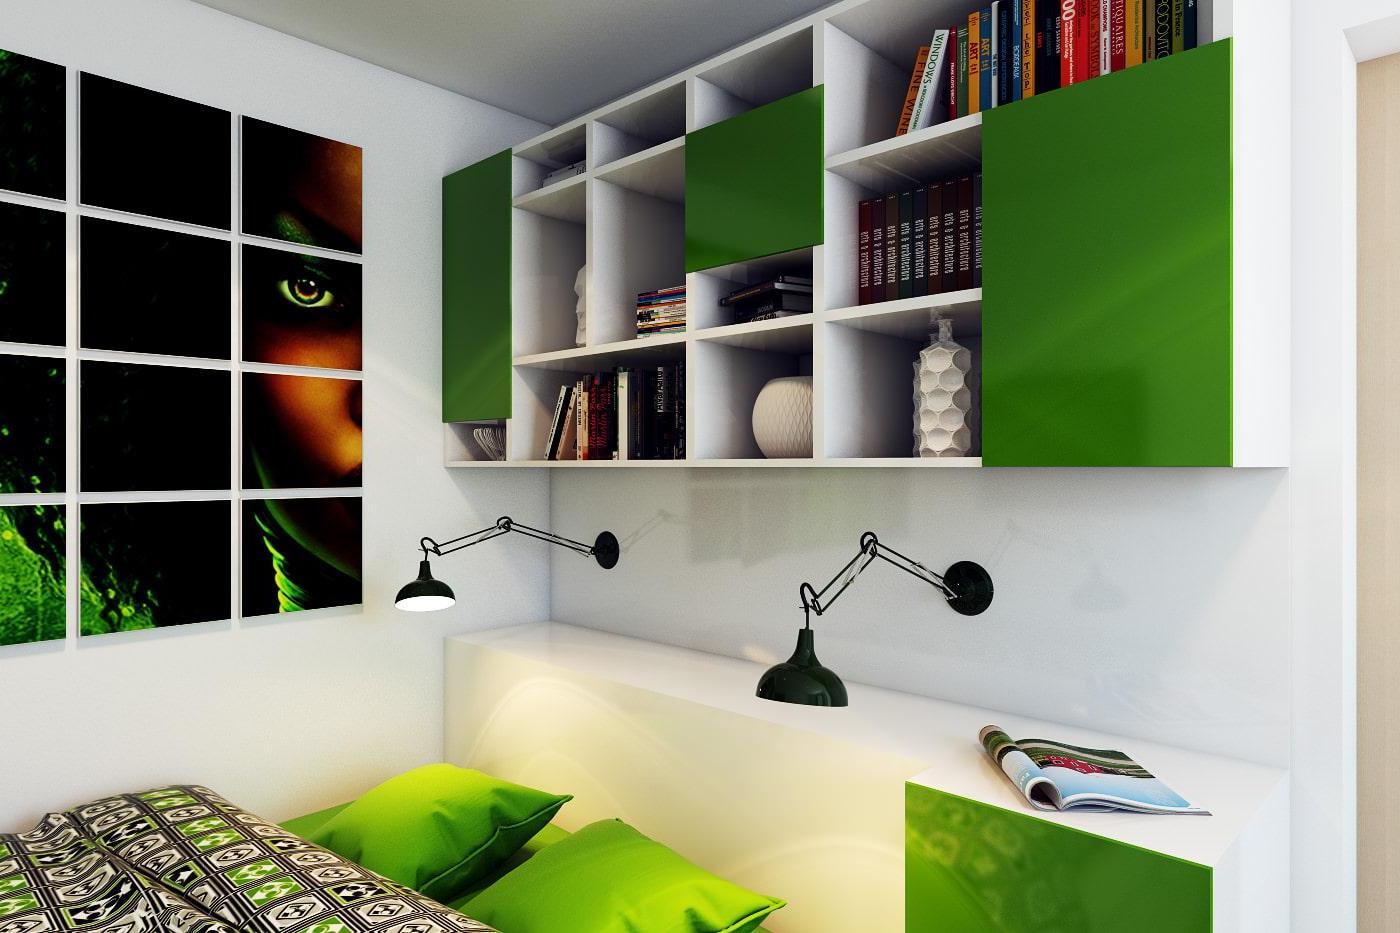 diy headboard storage ideas